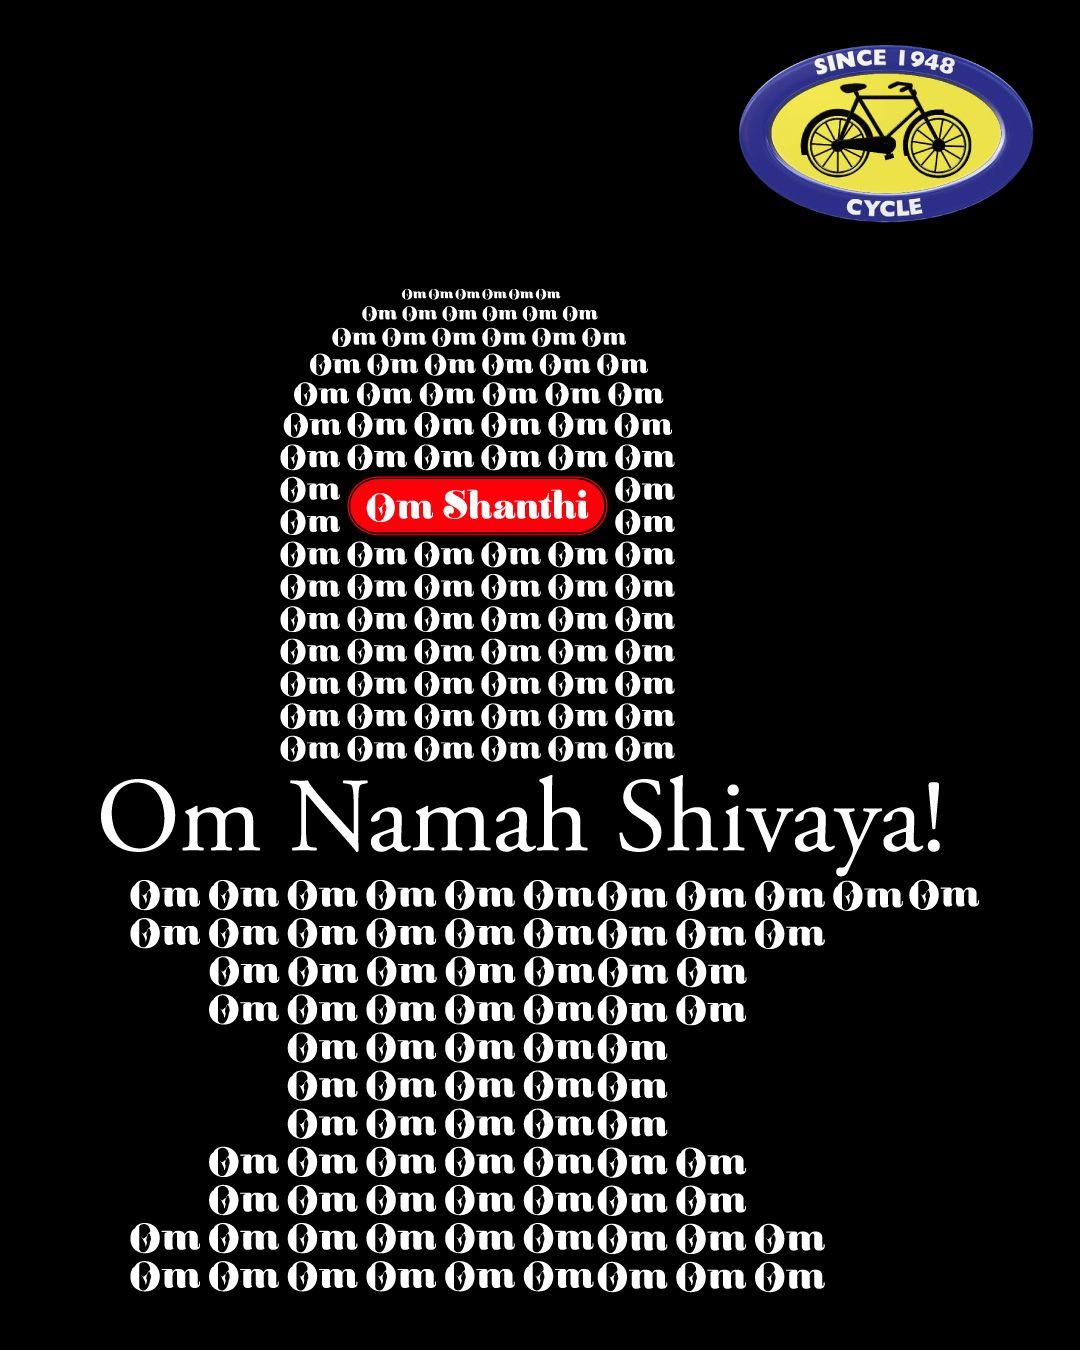 || Om Namah Shivaya ||  #HappyMahaShivaratri #MahaShivaratri #Shiva #CyclePure